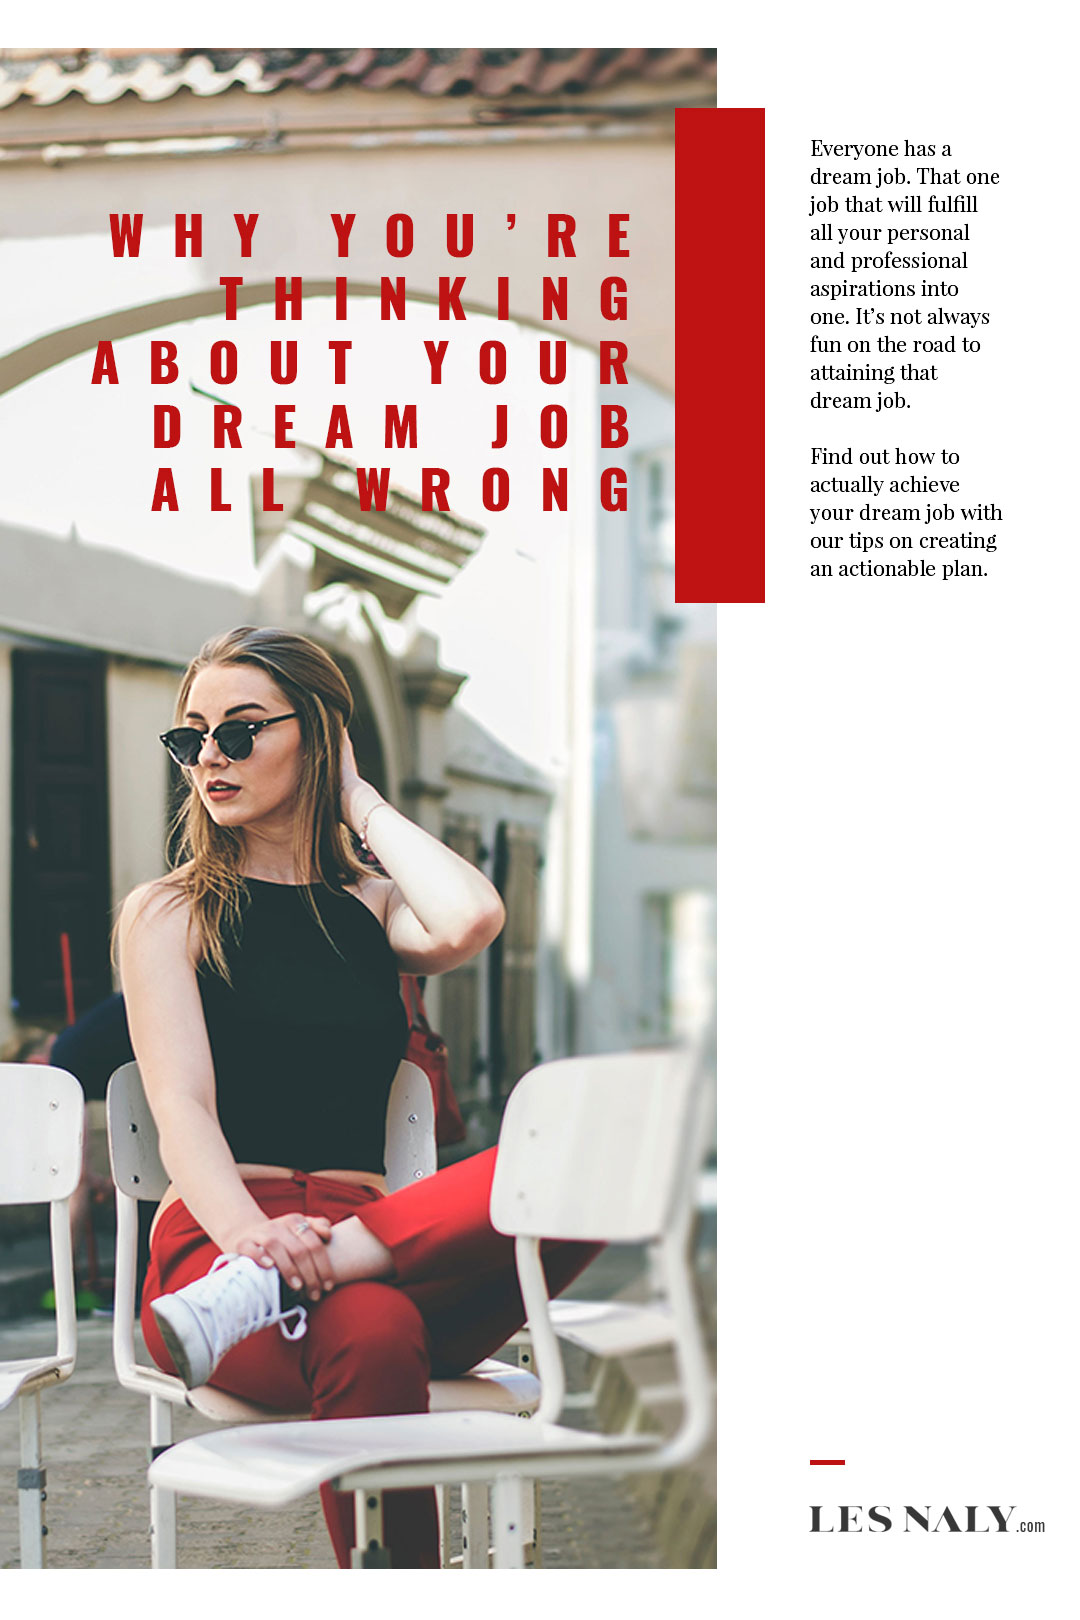 Les-Naly-Career-Advice-For-Women-1.jpg